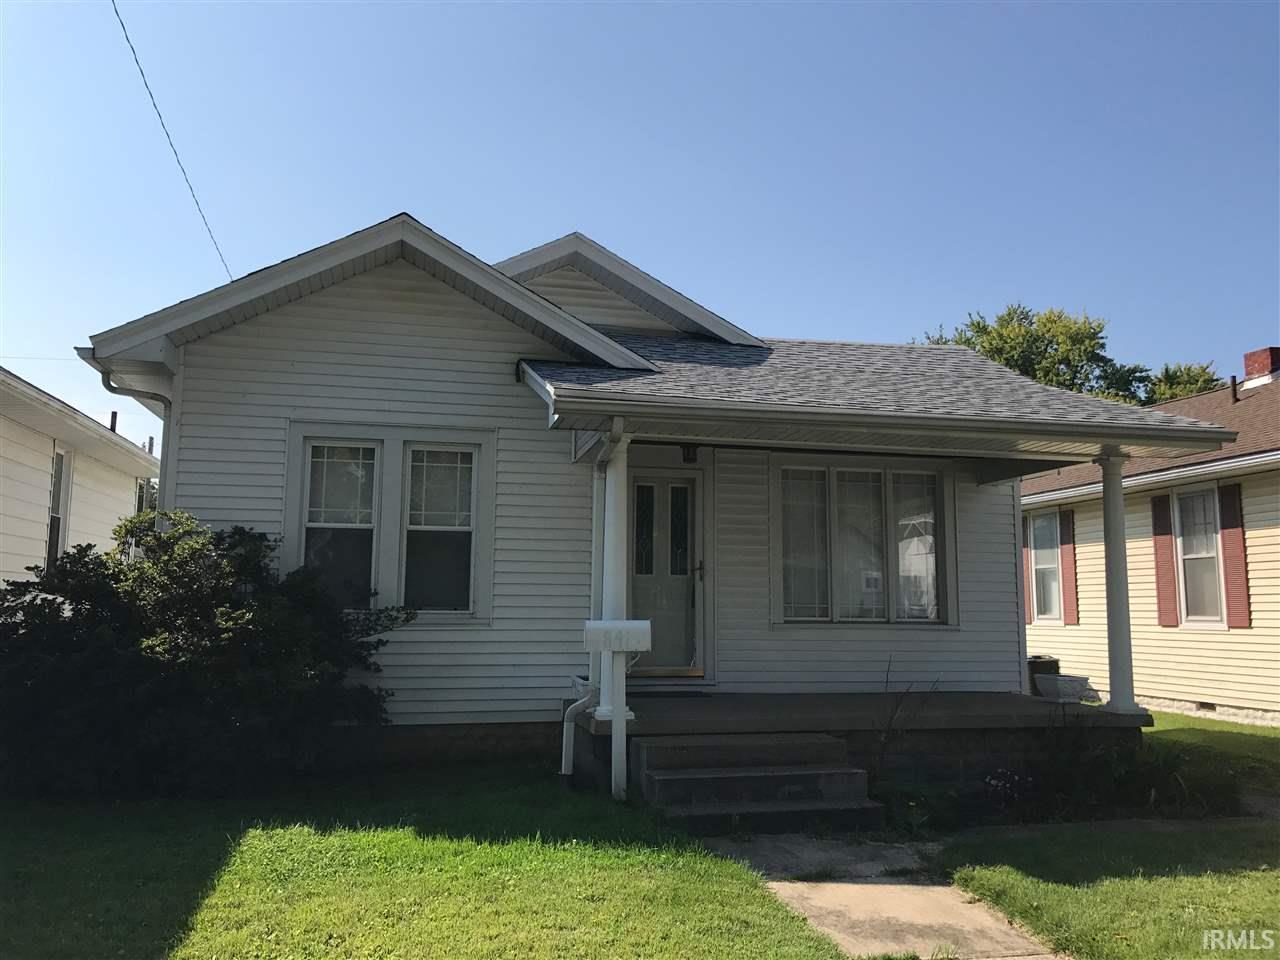 841 E Parkland, Evansville, IN 47711